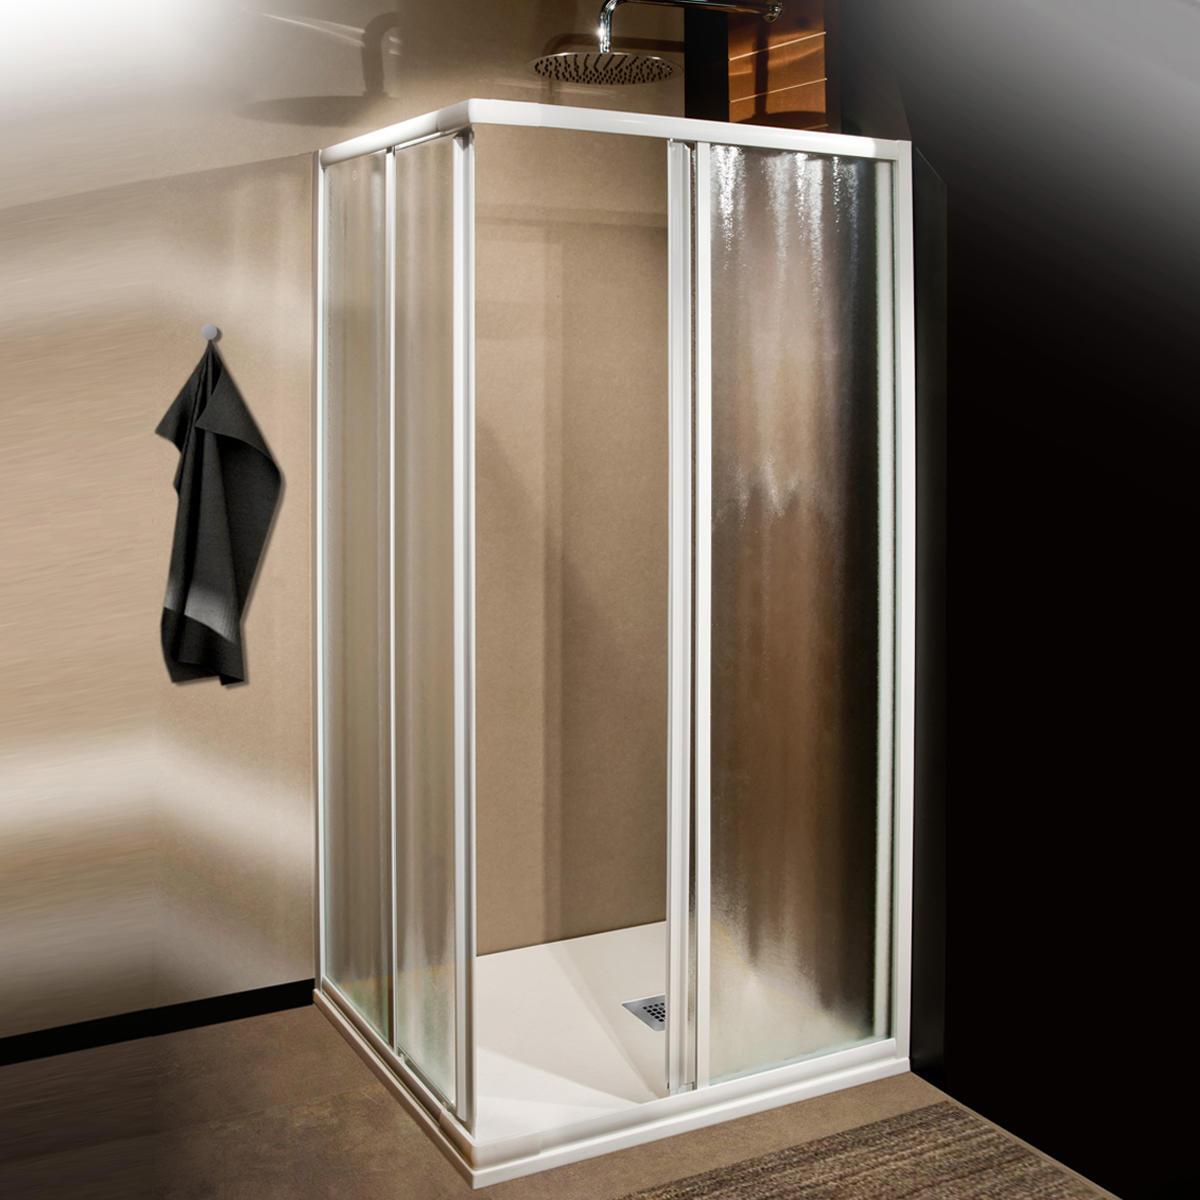 Box doccia rettangolare scorrevole Plumin 70 x 80 cm, H 185 cm in vetro temprato, spessore 3 mm acrilico piumato bianco - 1